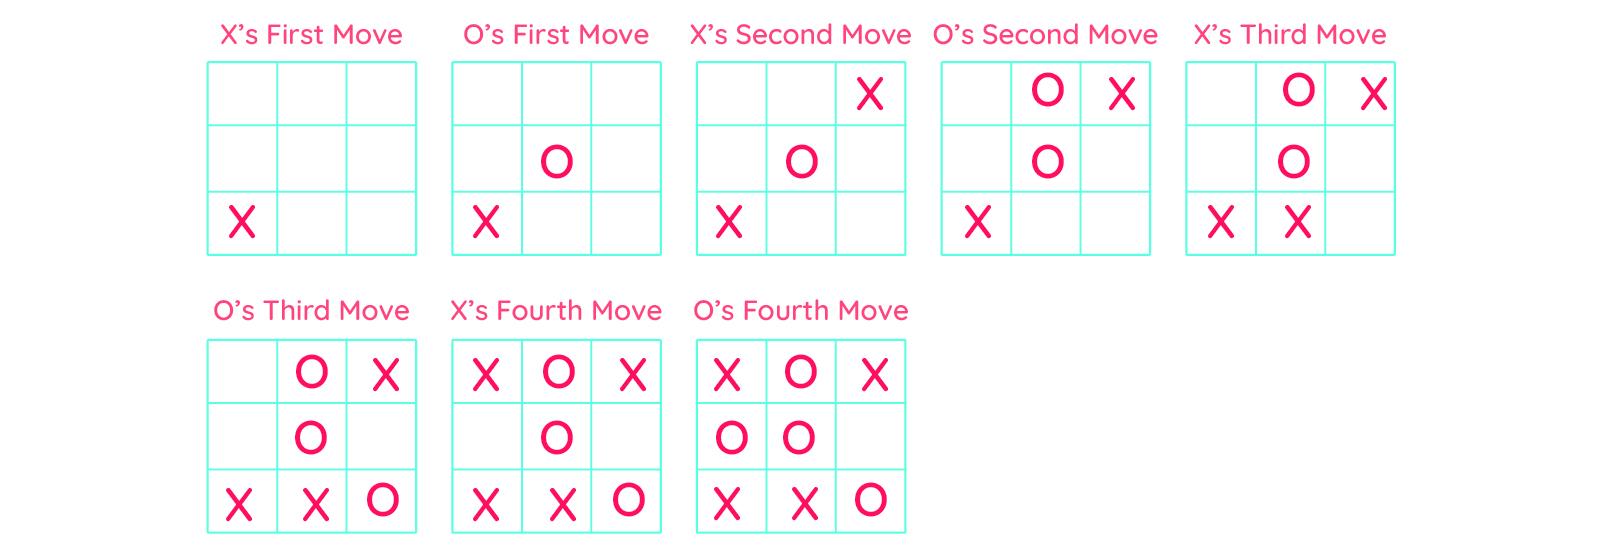 round 1 XOX game